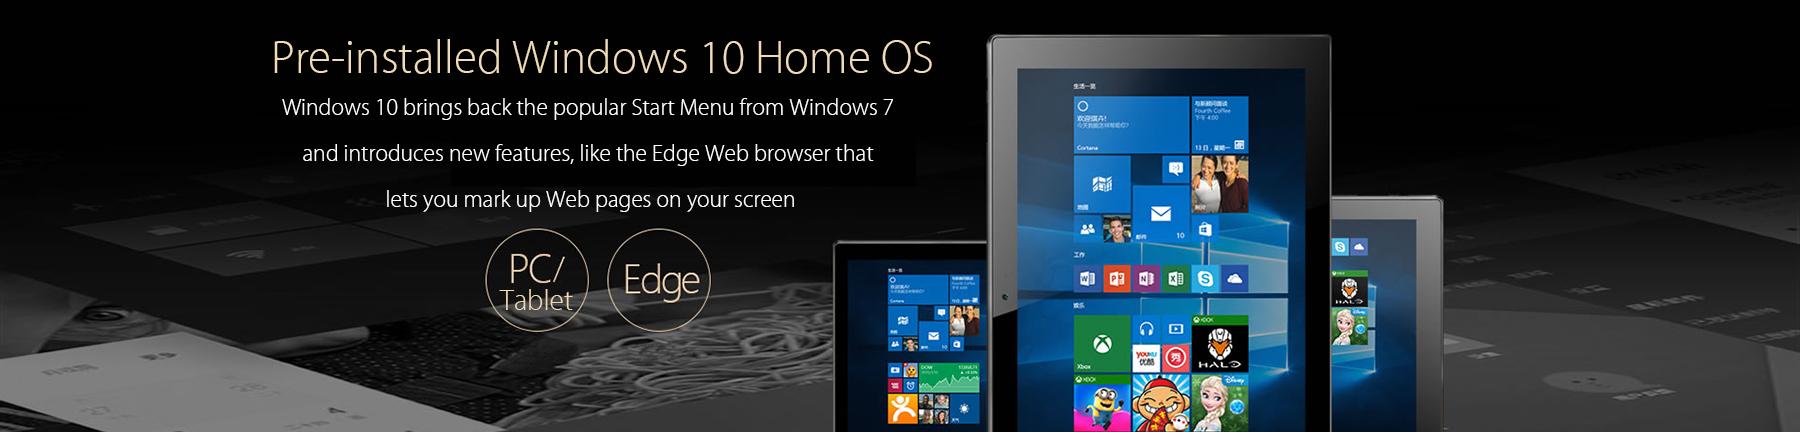 windows-10-onda-obook-20-plus